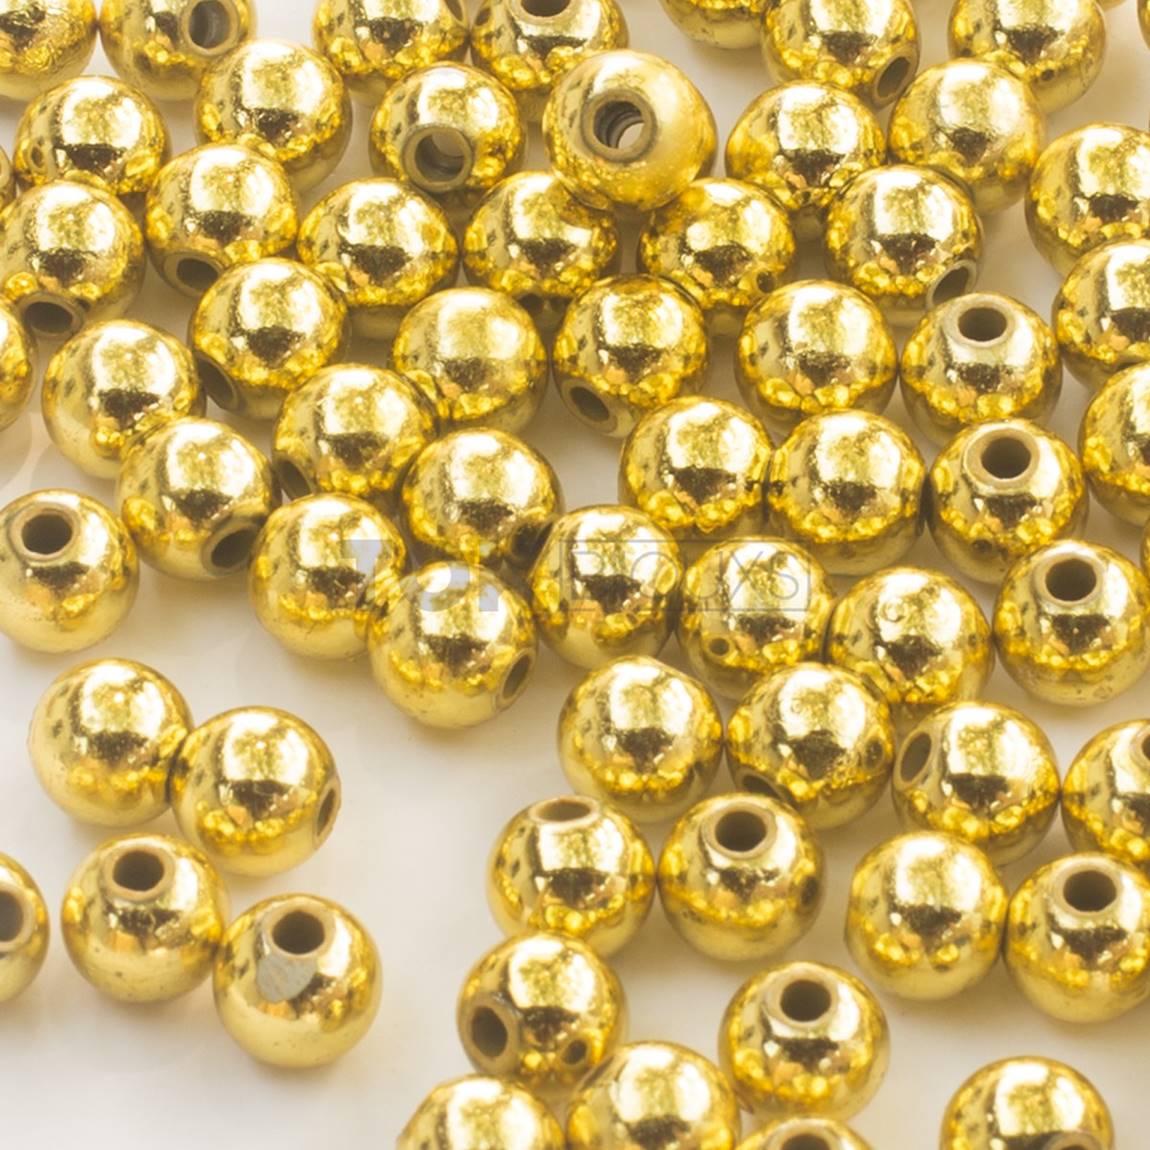 Atacado - Pérola Abs 6mm - Dourado - 500g